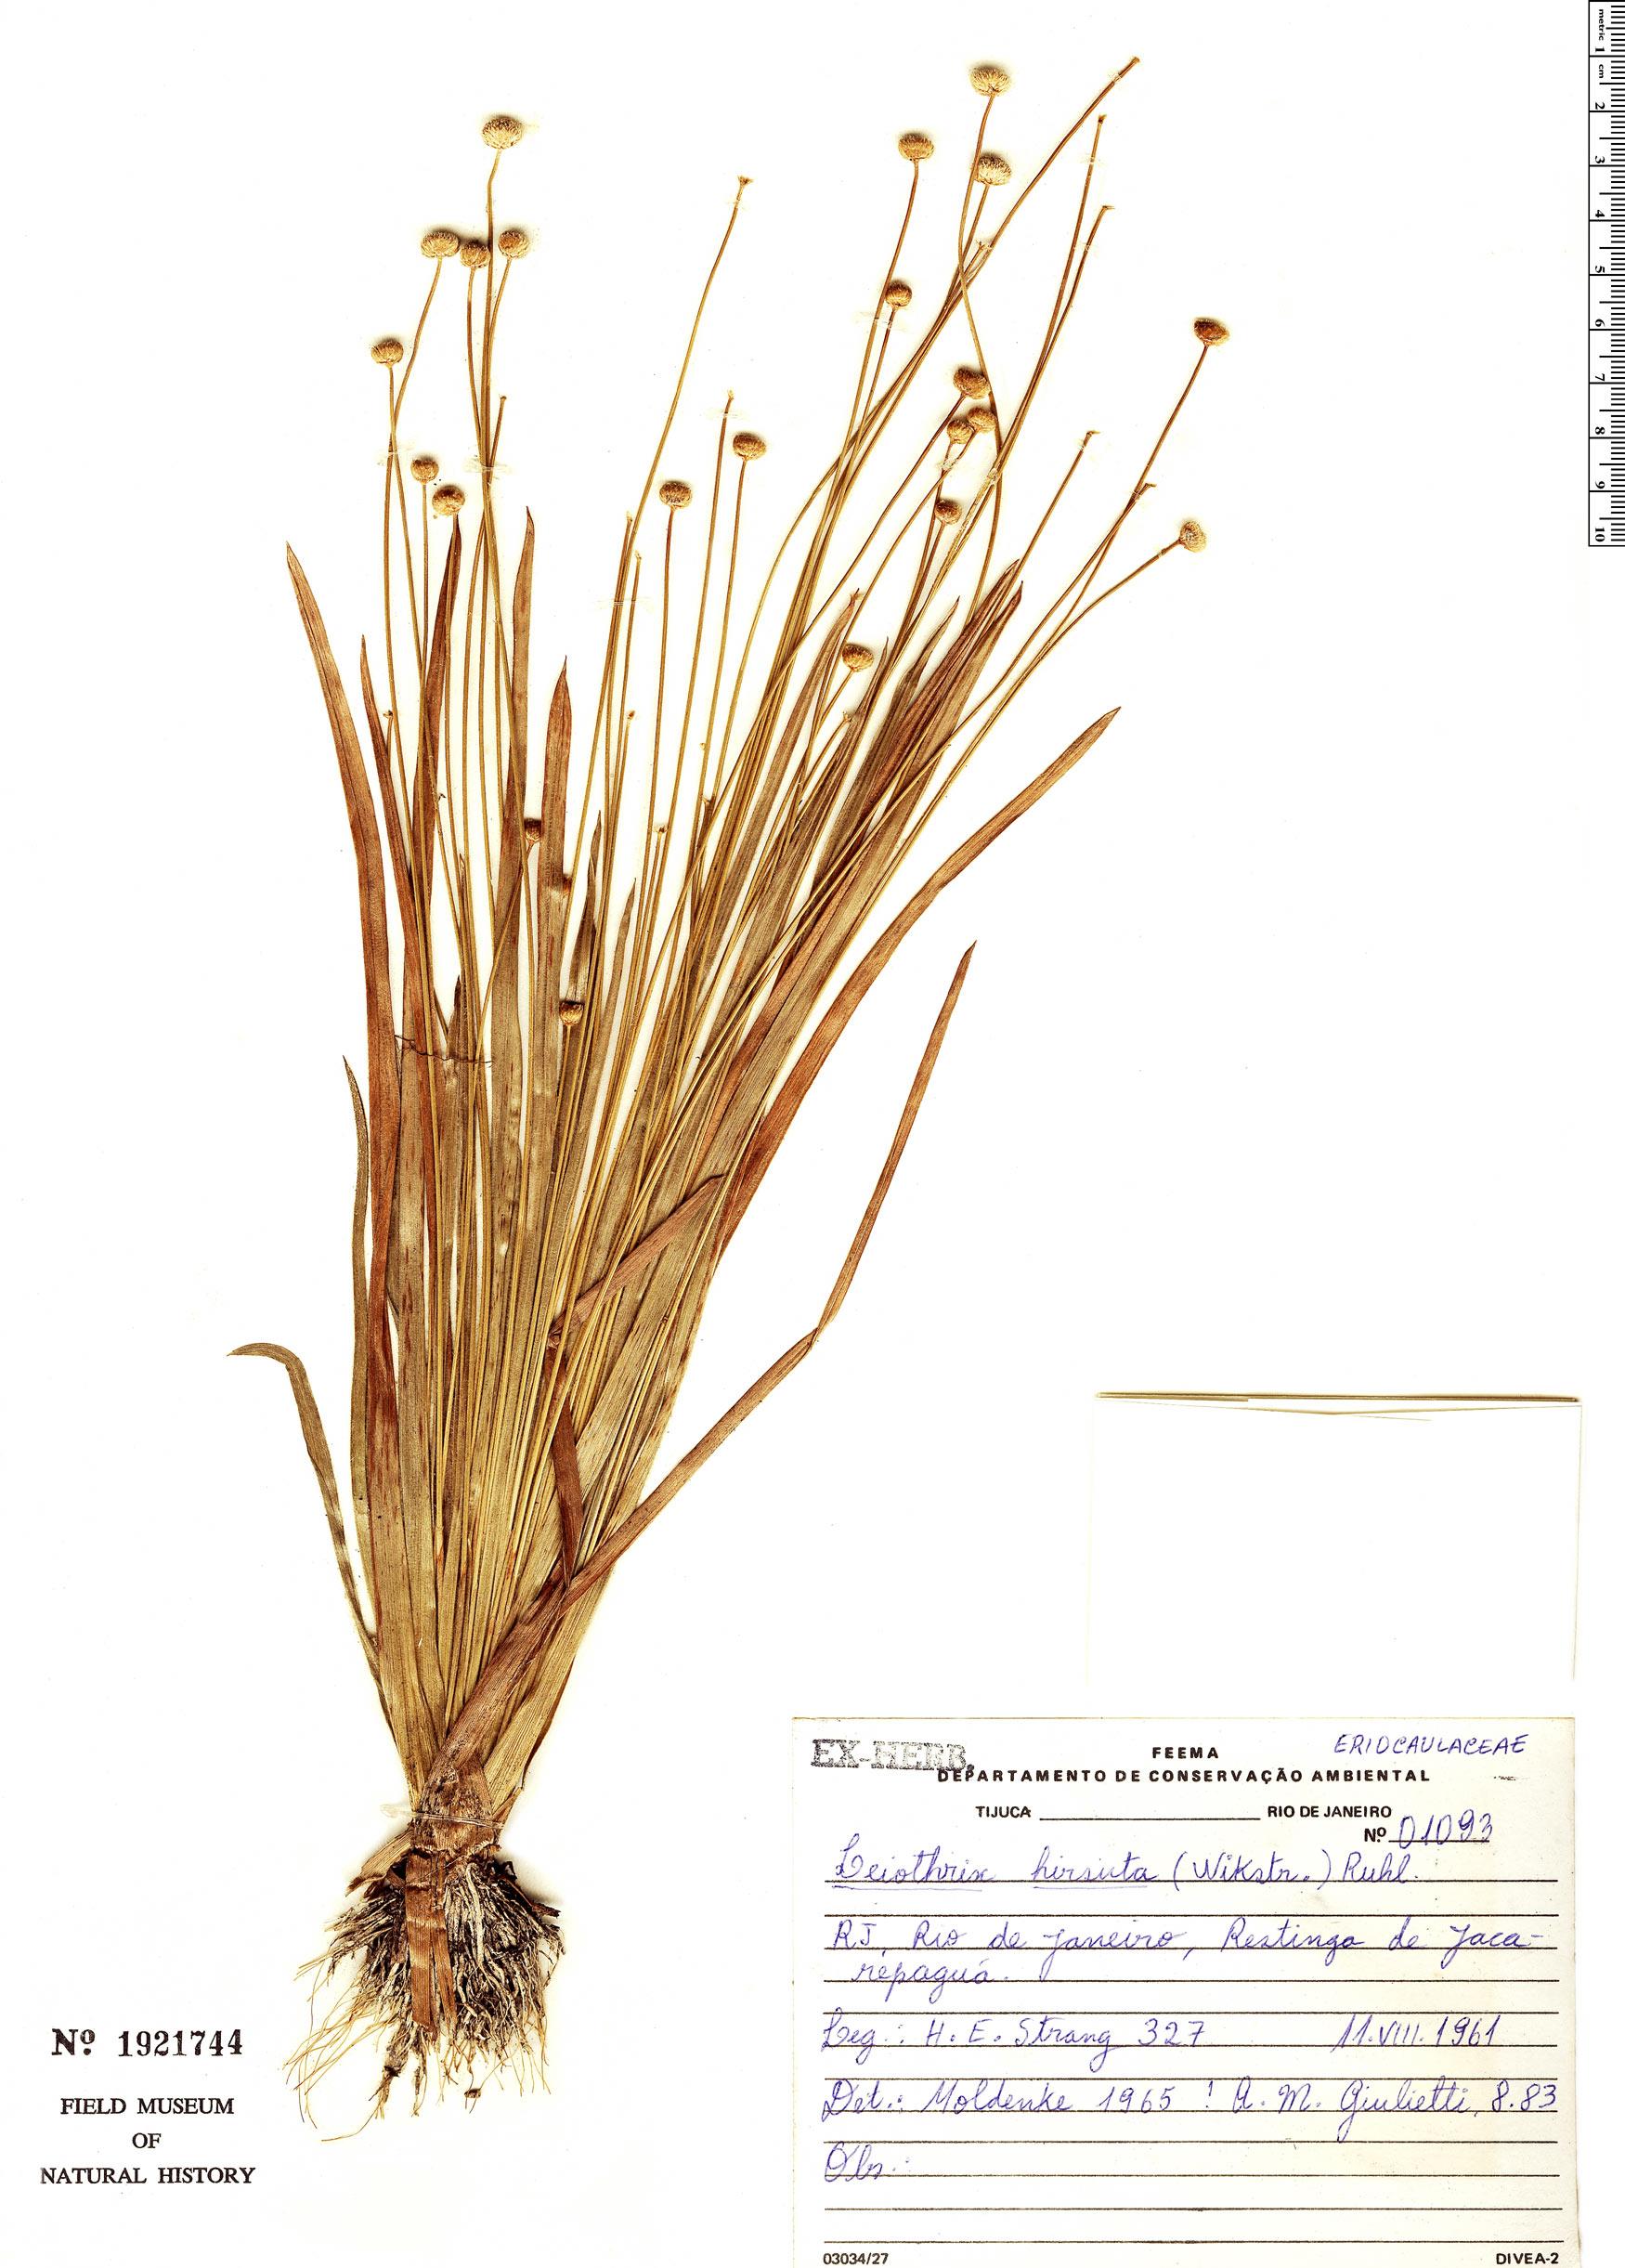 Specimen: Leiothrix hirsuta